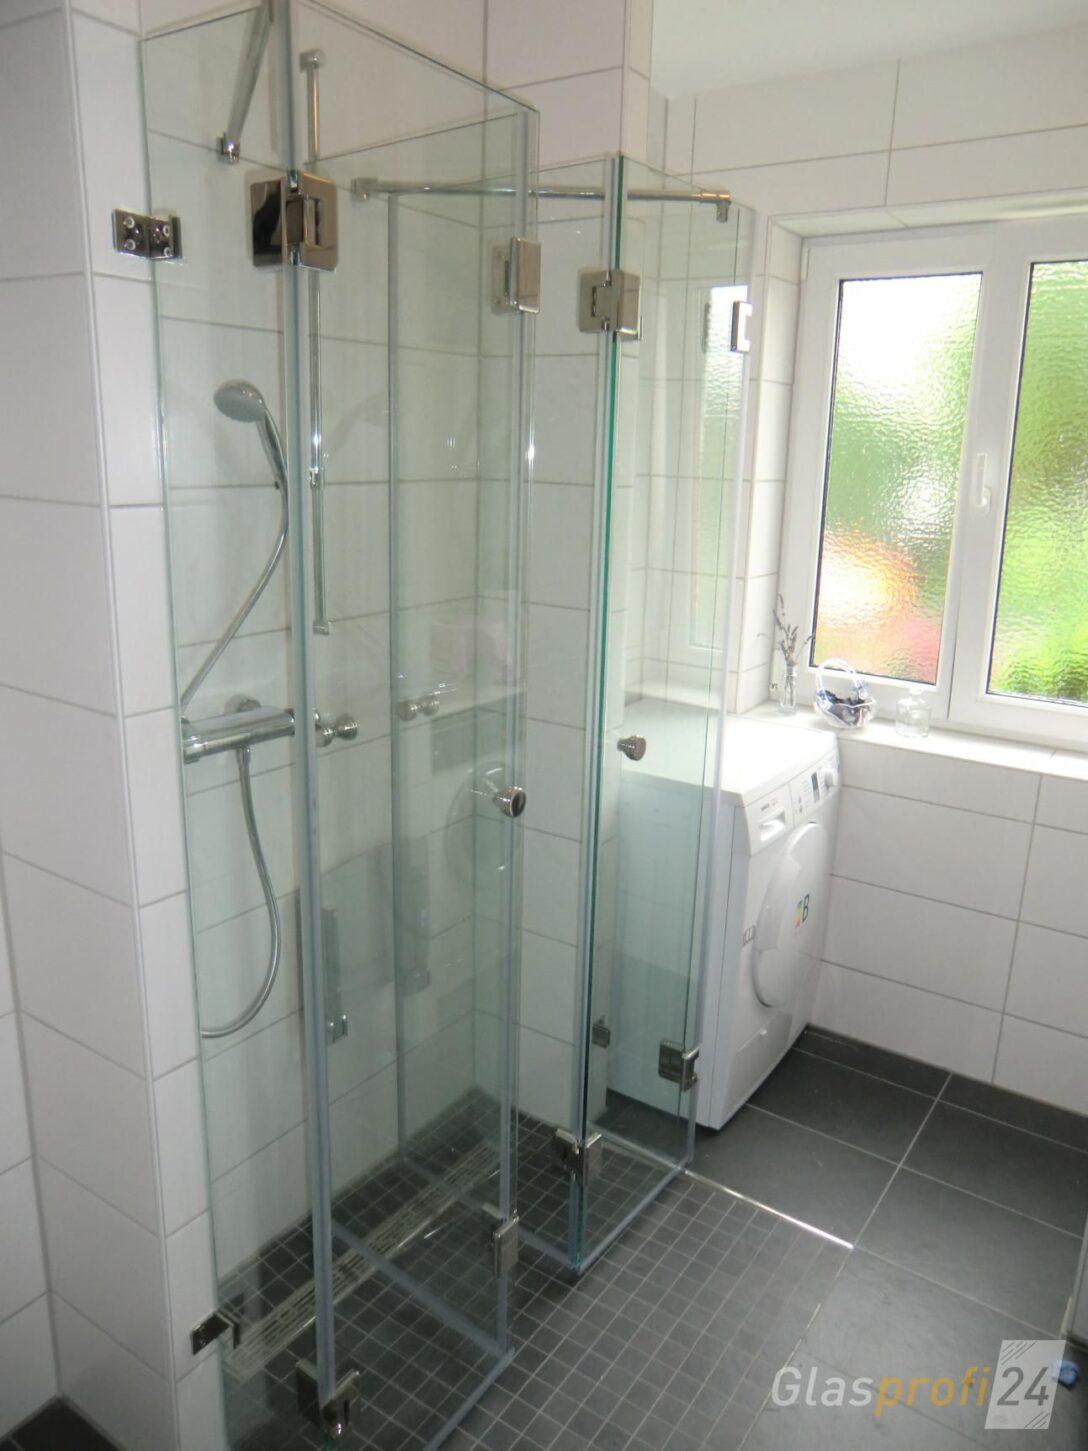 Large Size of Faltbare Duschkabine Aus Glas Glasprofi24 Dusche Ebenerdige Kosten Badewanne Begehbare Ohne Tür Eckeinstieg Mischbatterie Nischentür Bodenebene Dusche Glaswand Dusche